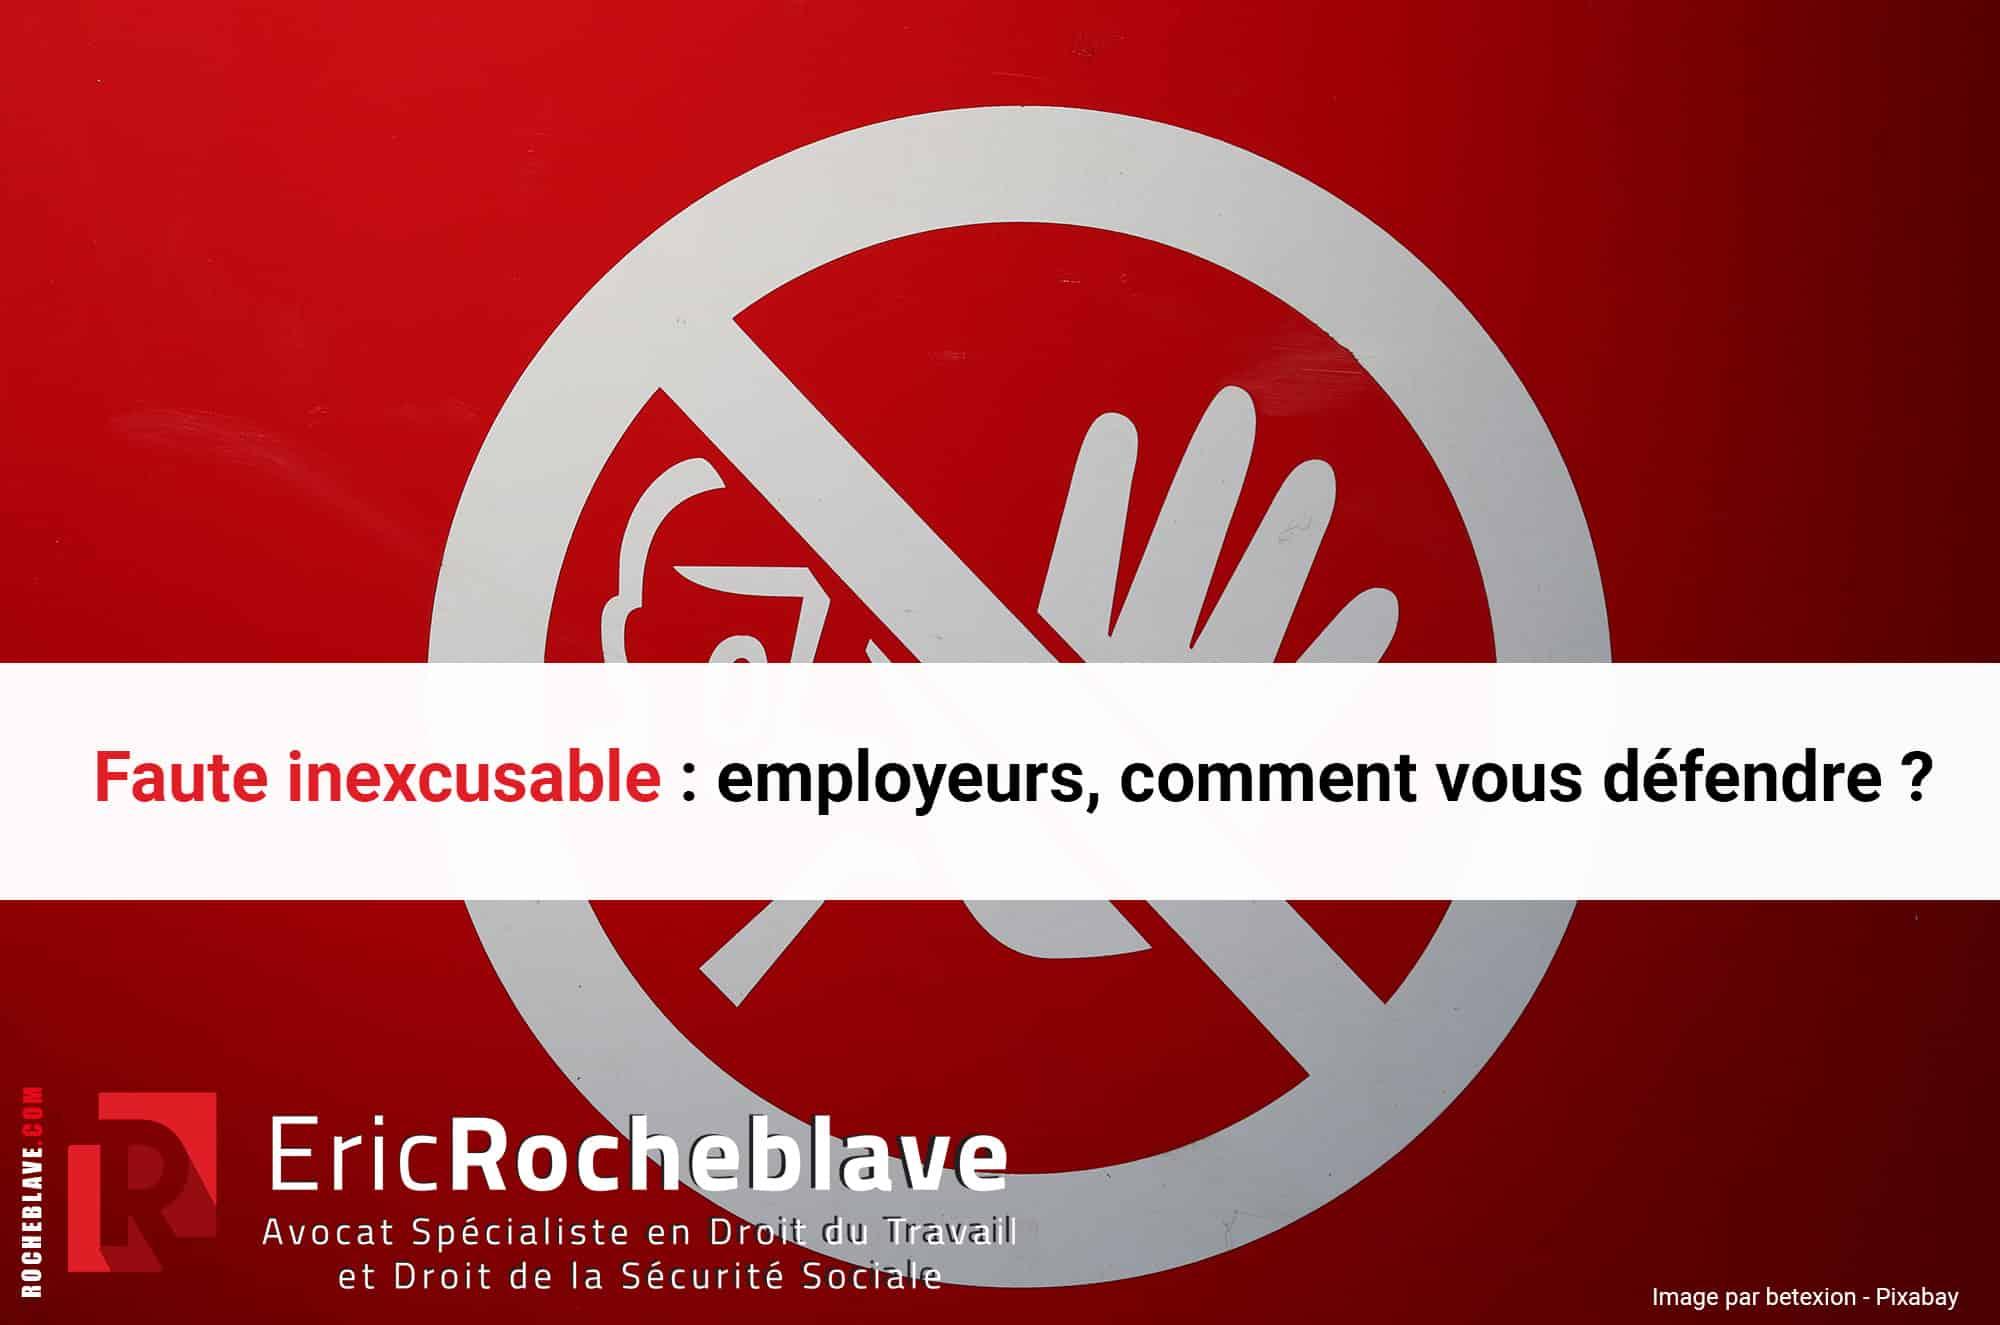 Faute inexcusable : employeurs, comment vous défendre ?